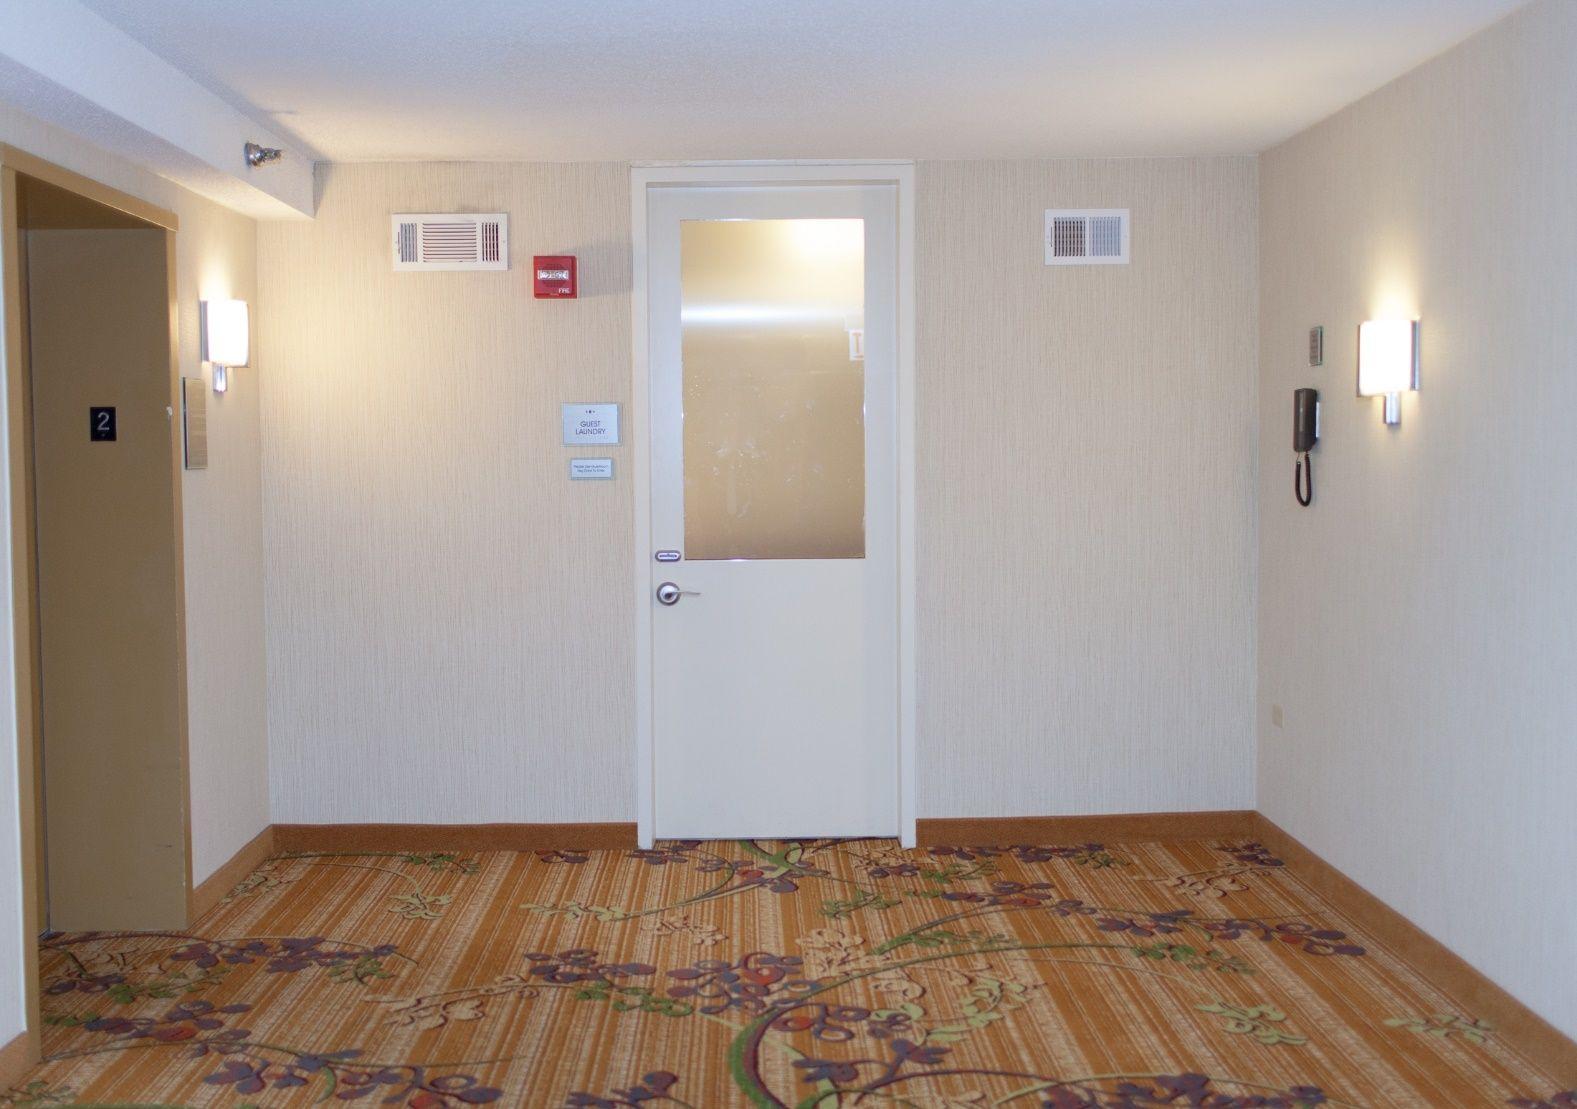 Fire rated glass office doors - Supa Doors Fire Rated Glass Doors Http Www Supadoor Com